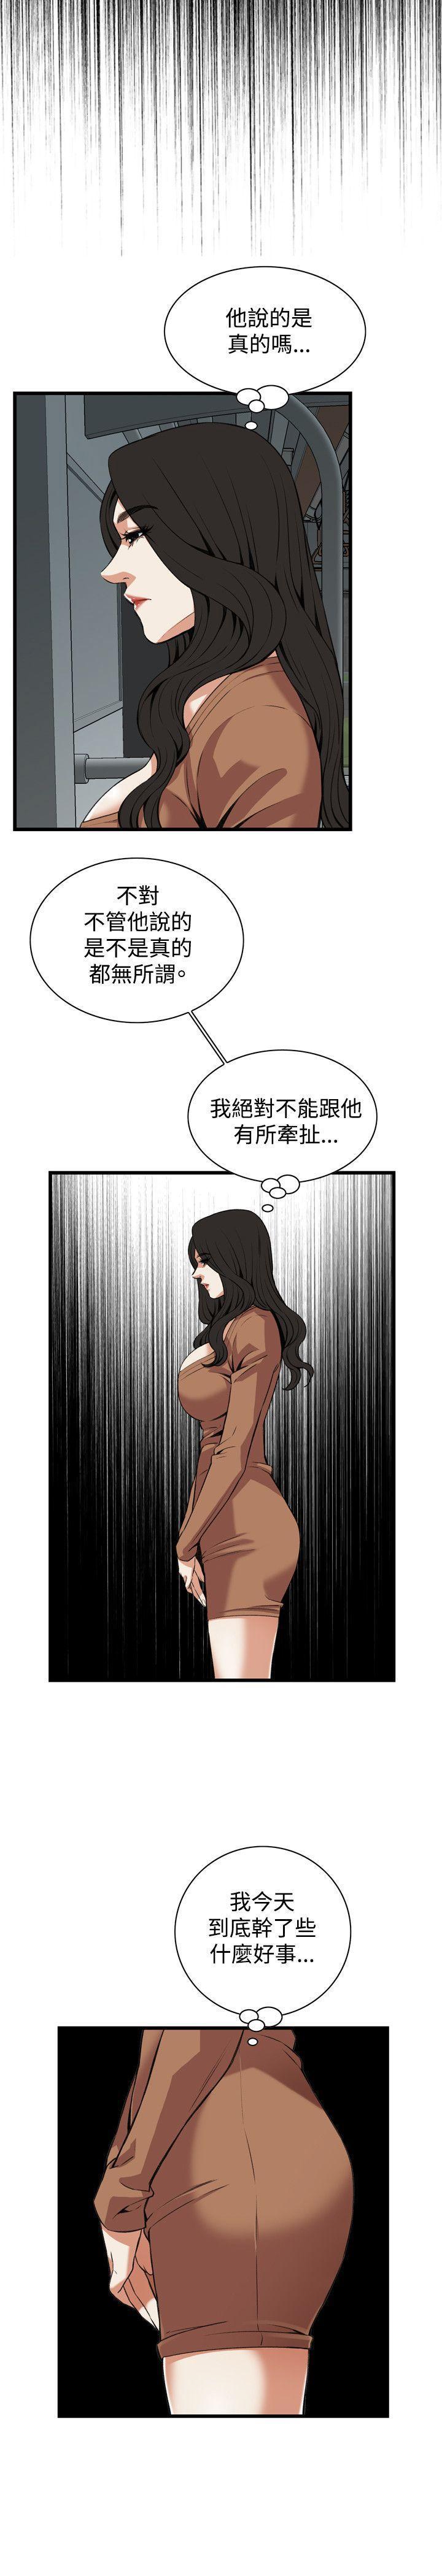 偷窥72-93 Chinese Rsiky 414